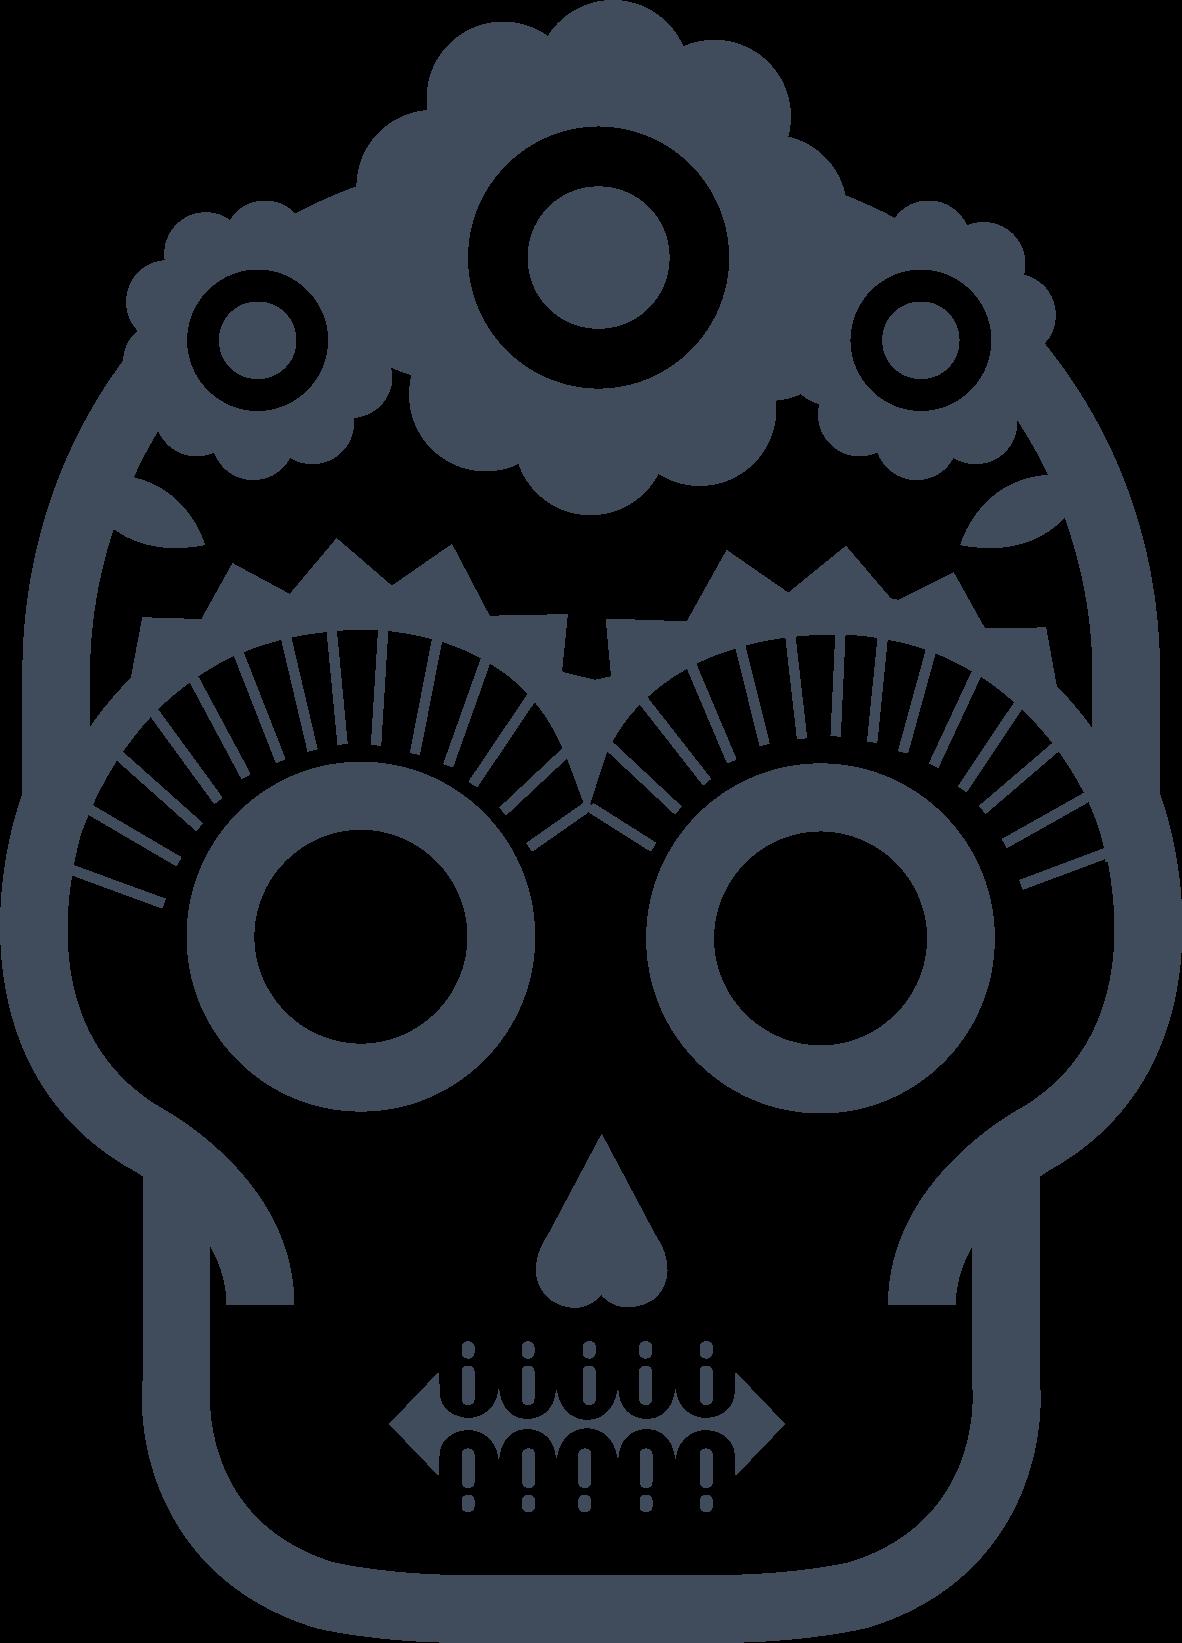 Laescondida_skull_solo